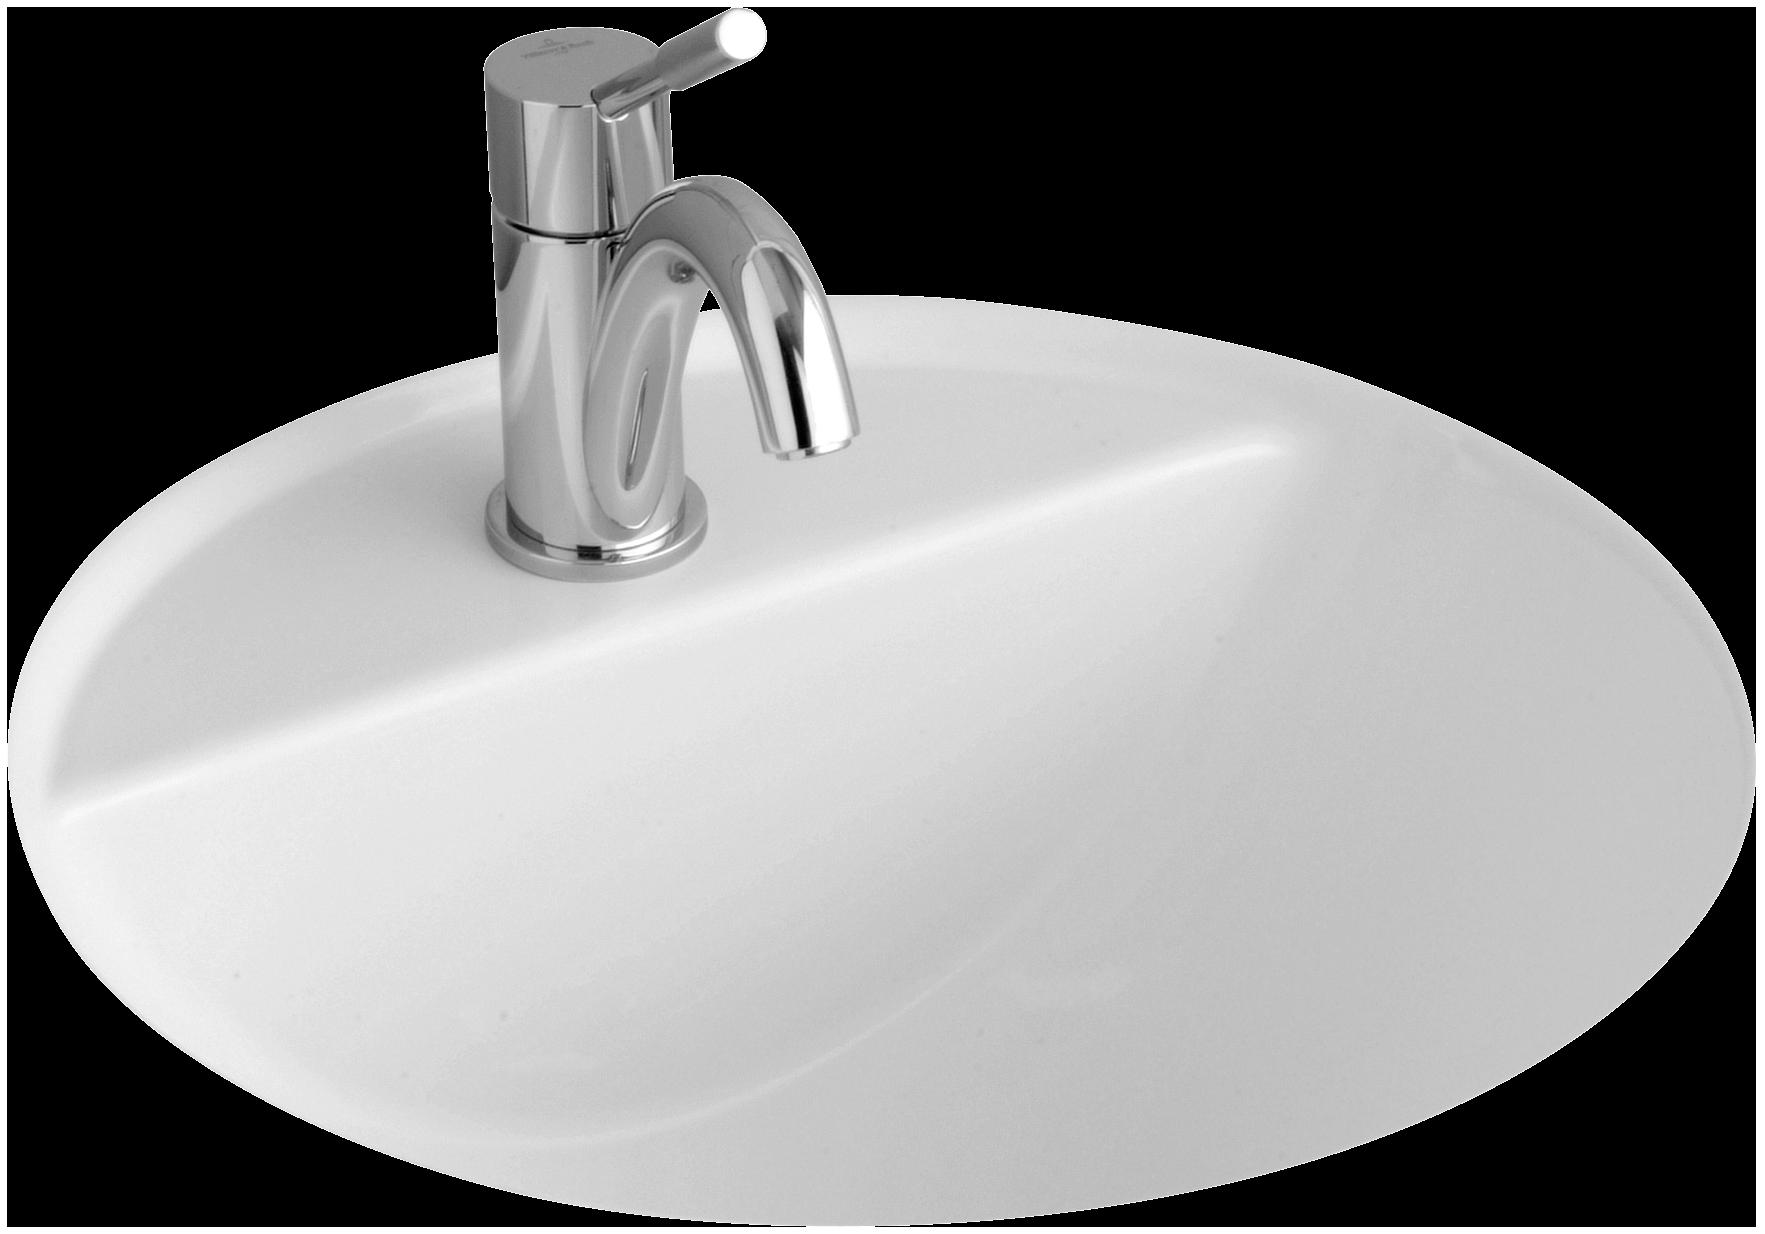 Schön Allia Paris Waschbecken Schema